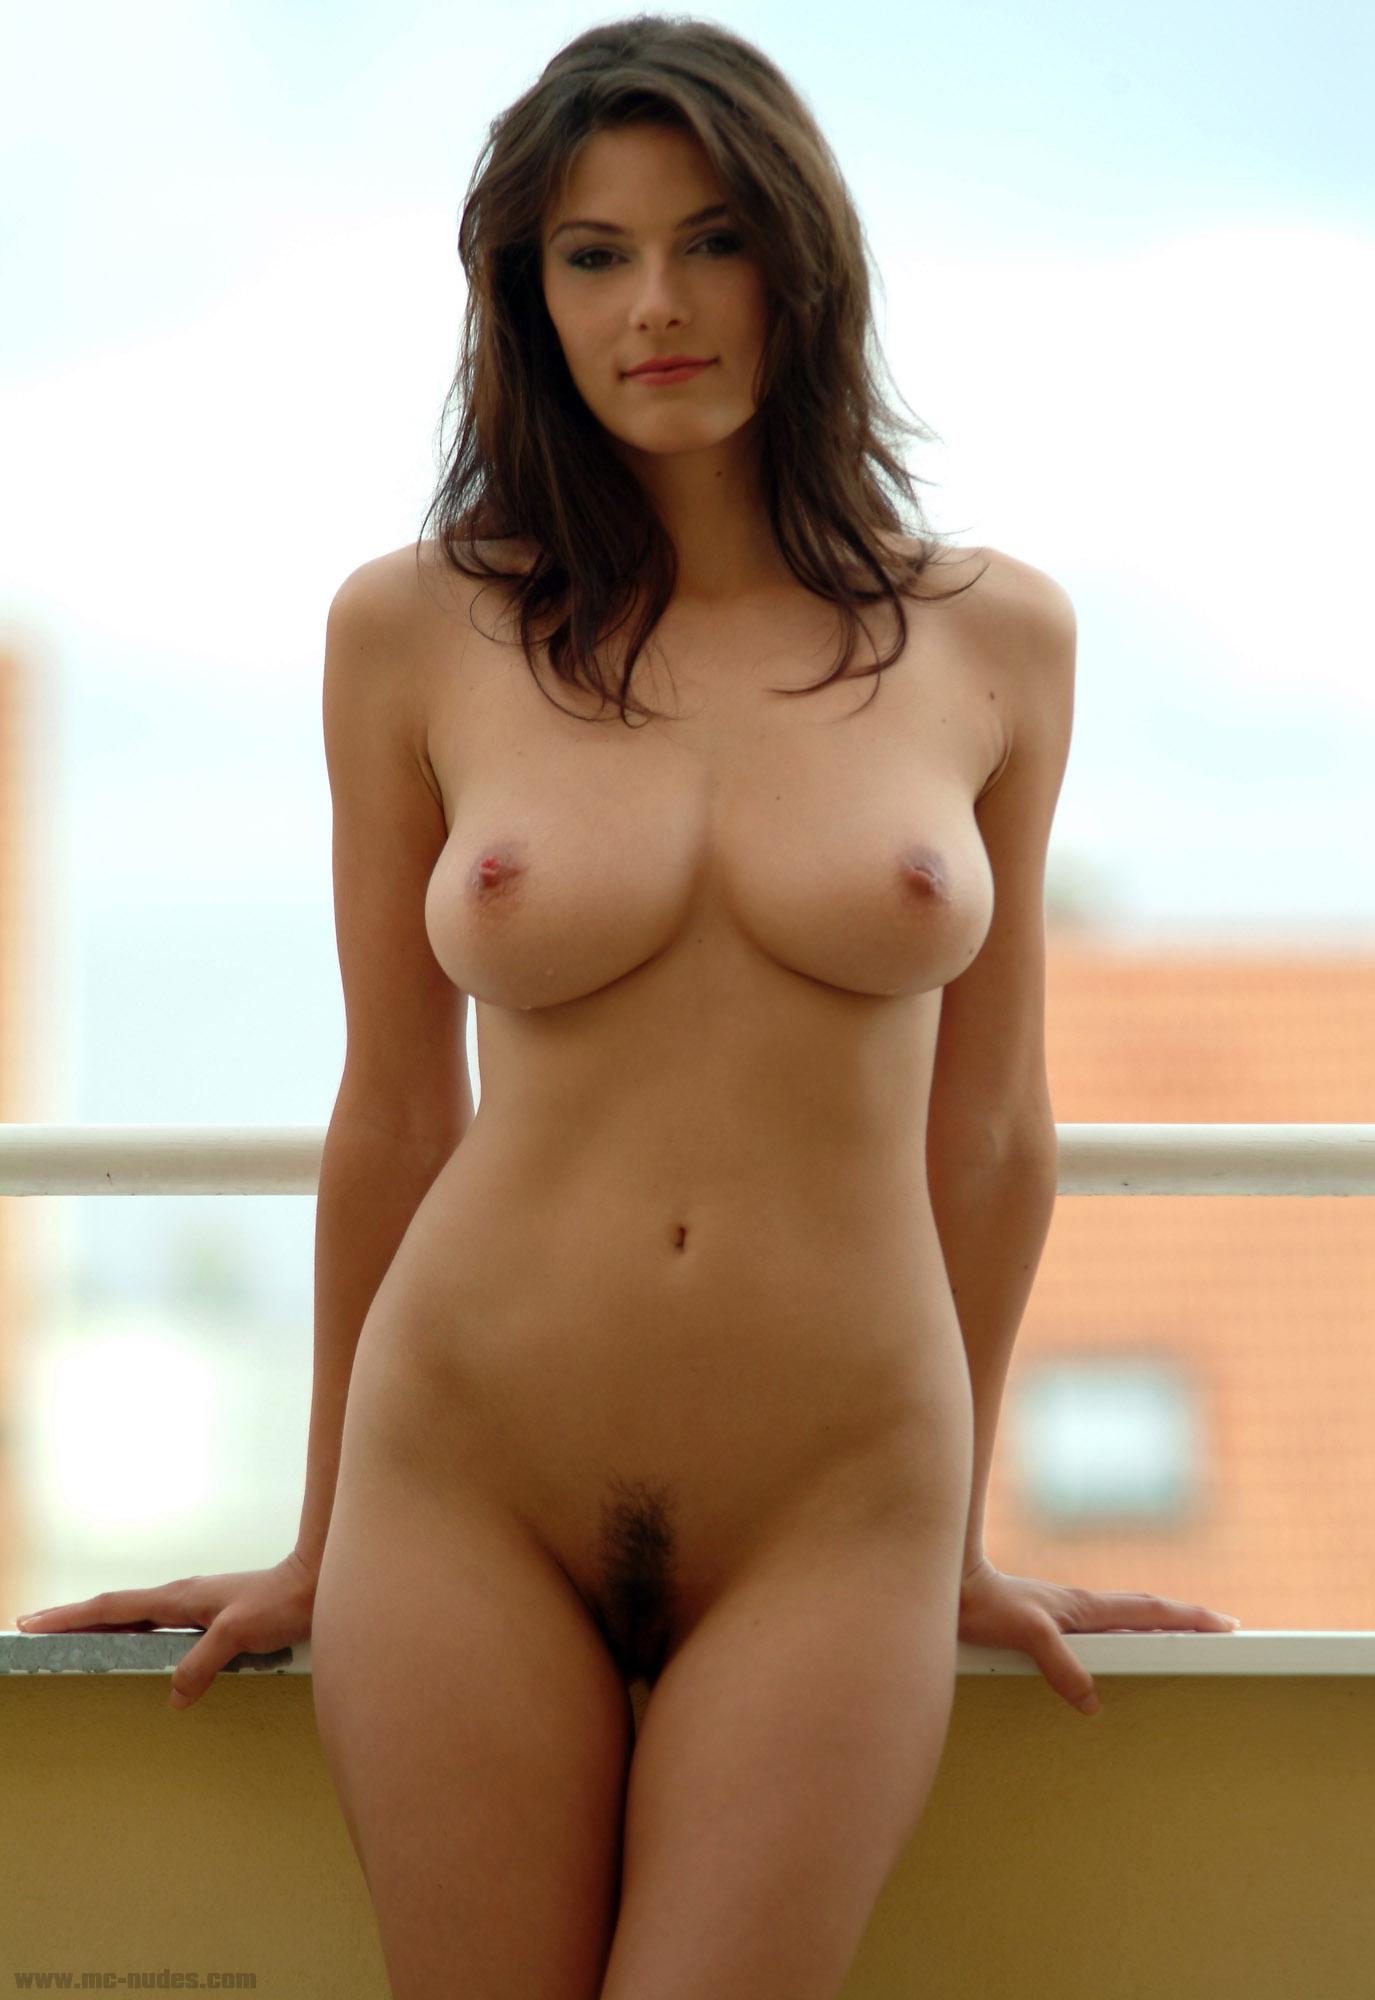 откровенные домашние порно фото русской деревенской женщины